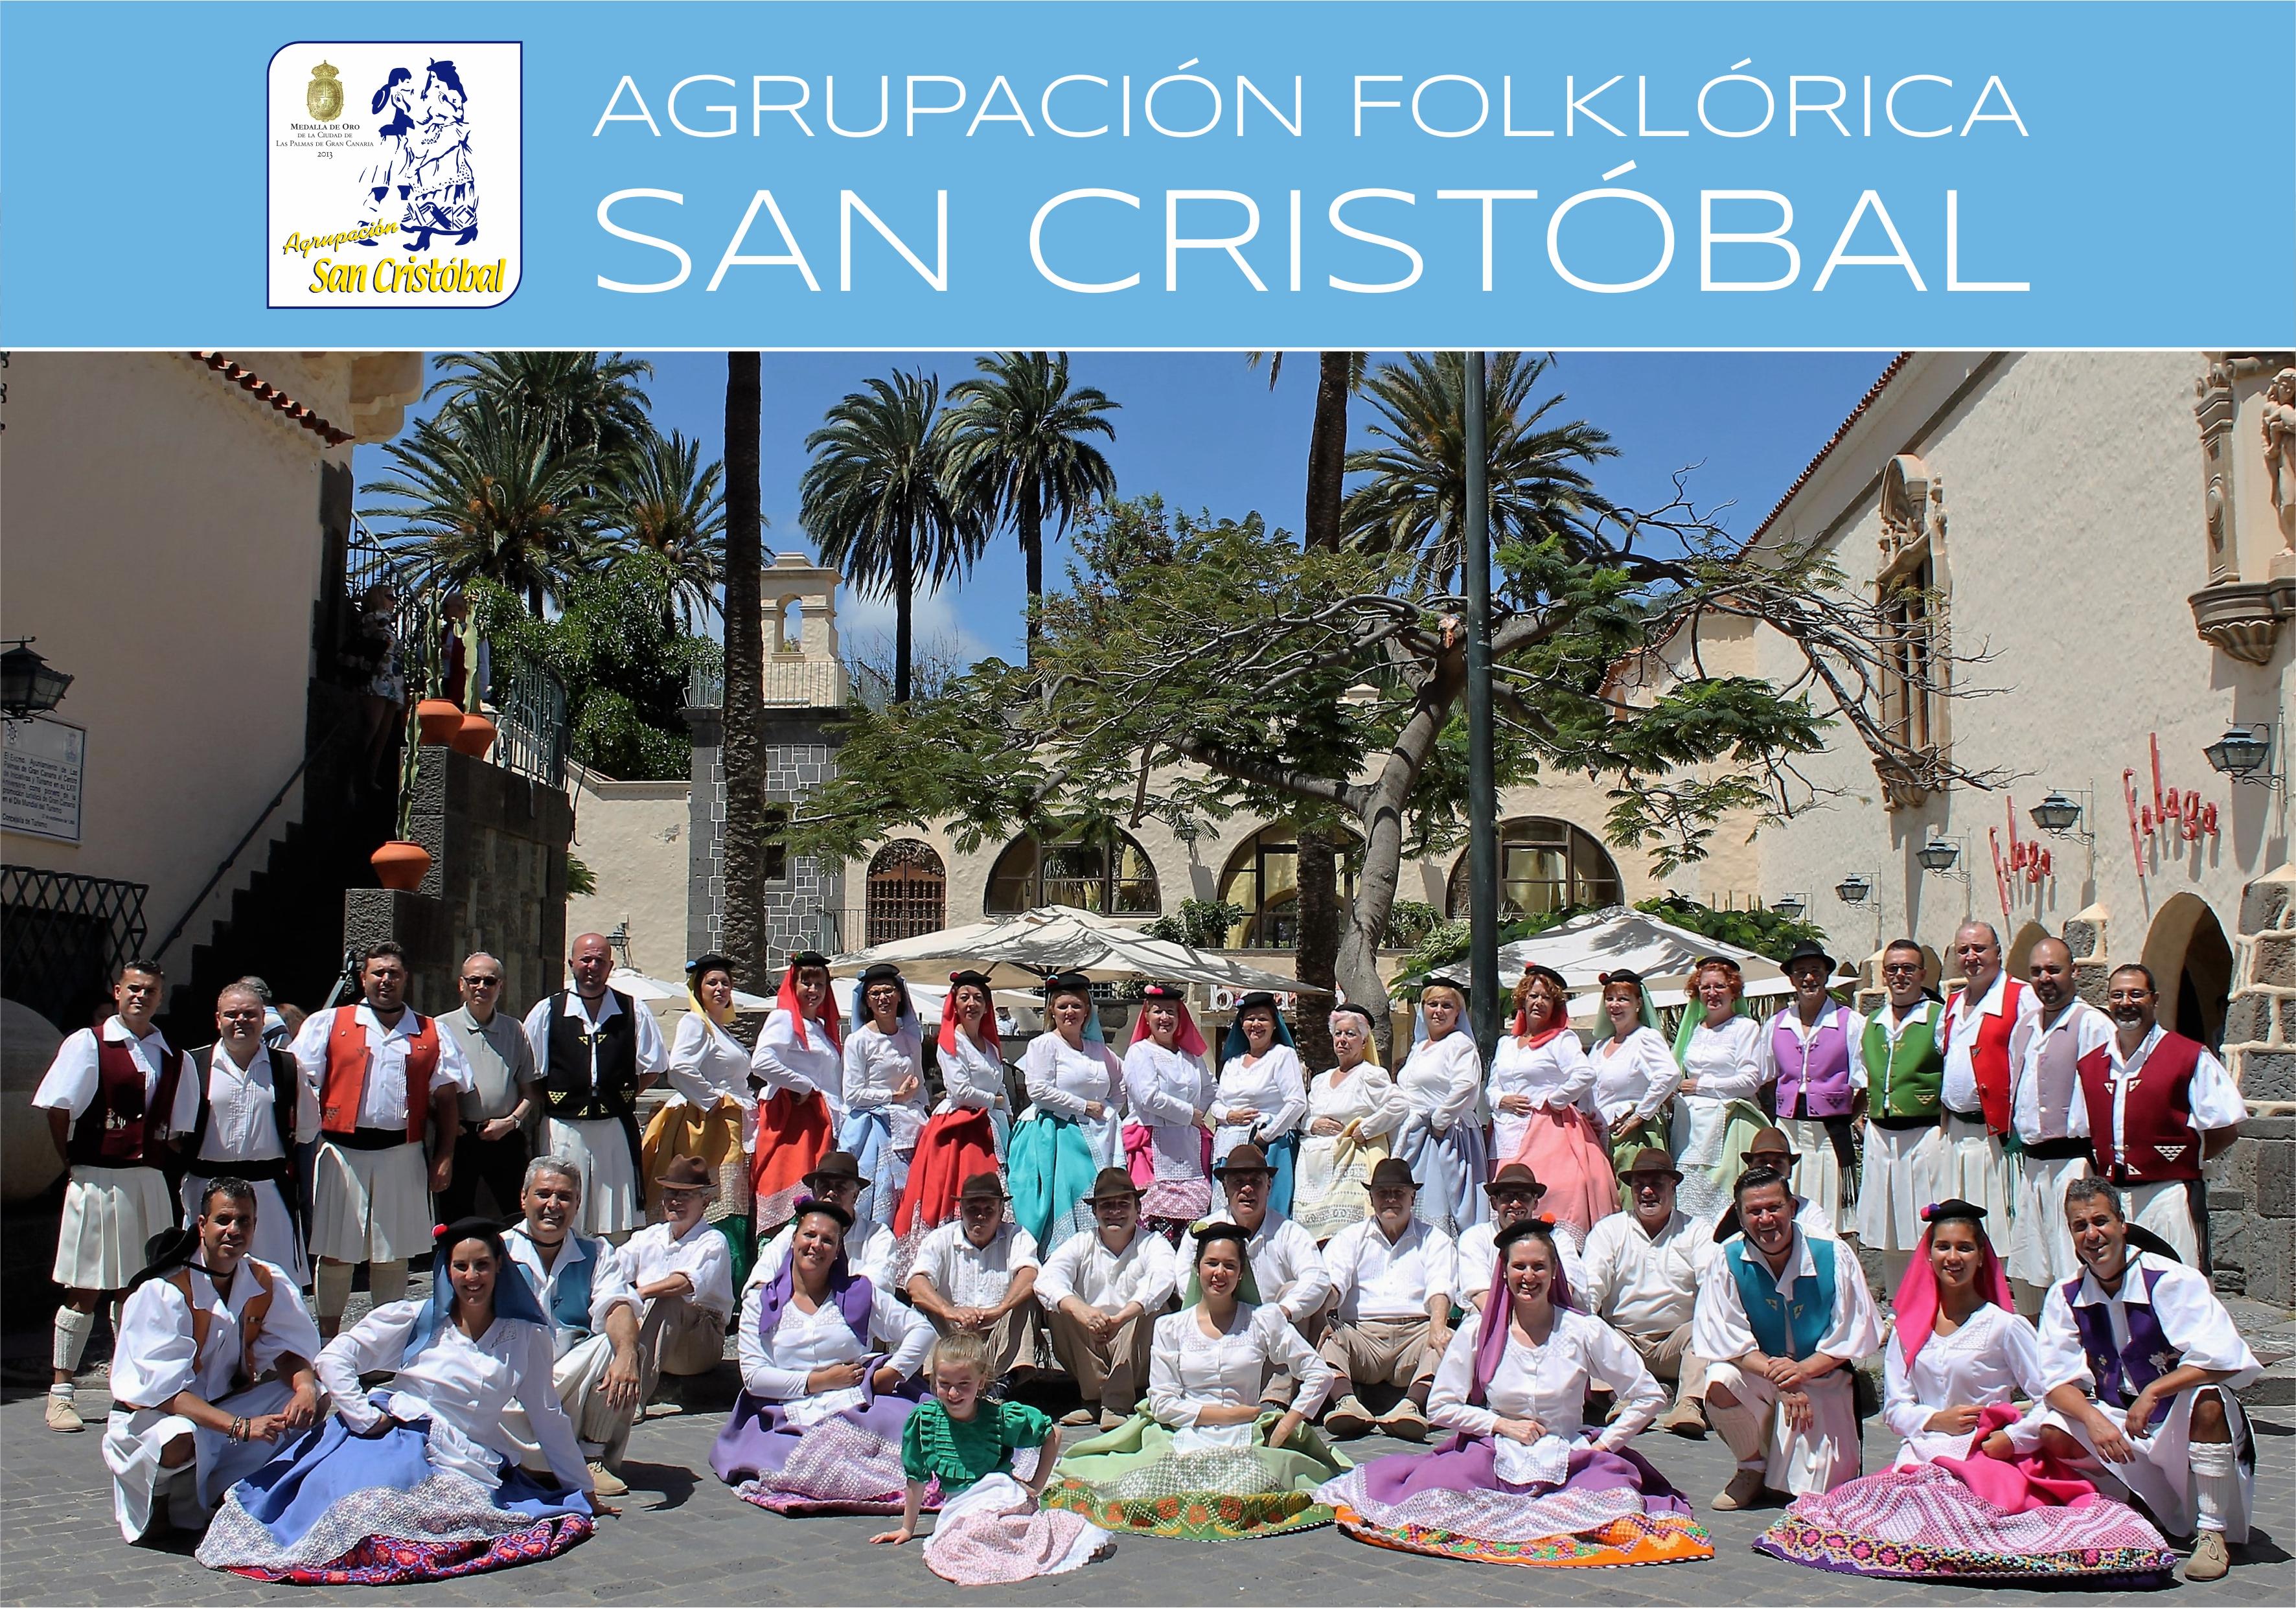 af-san-cristobal-imagen-central-1